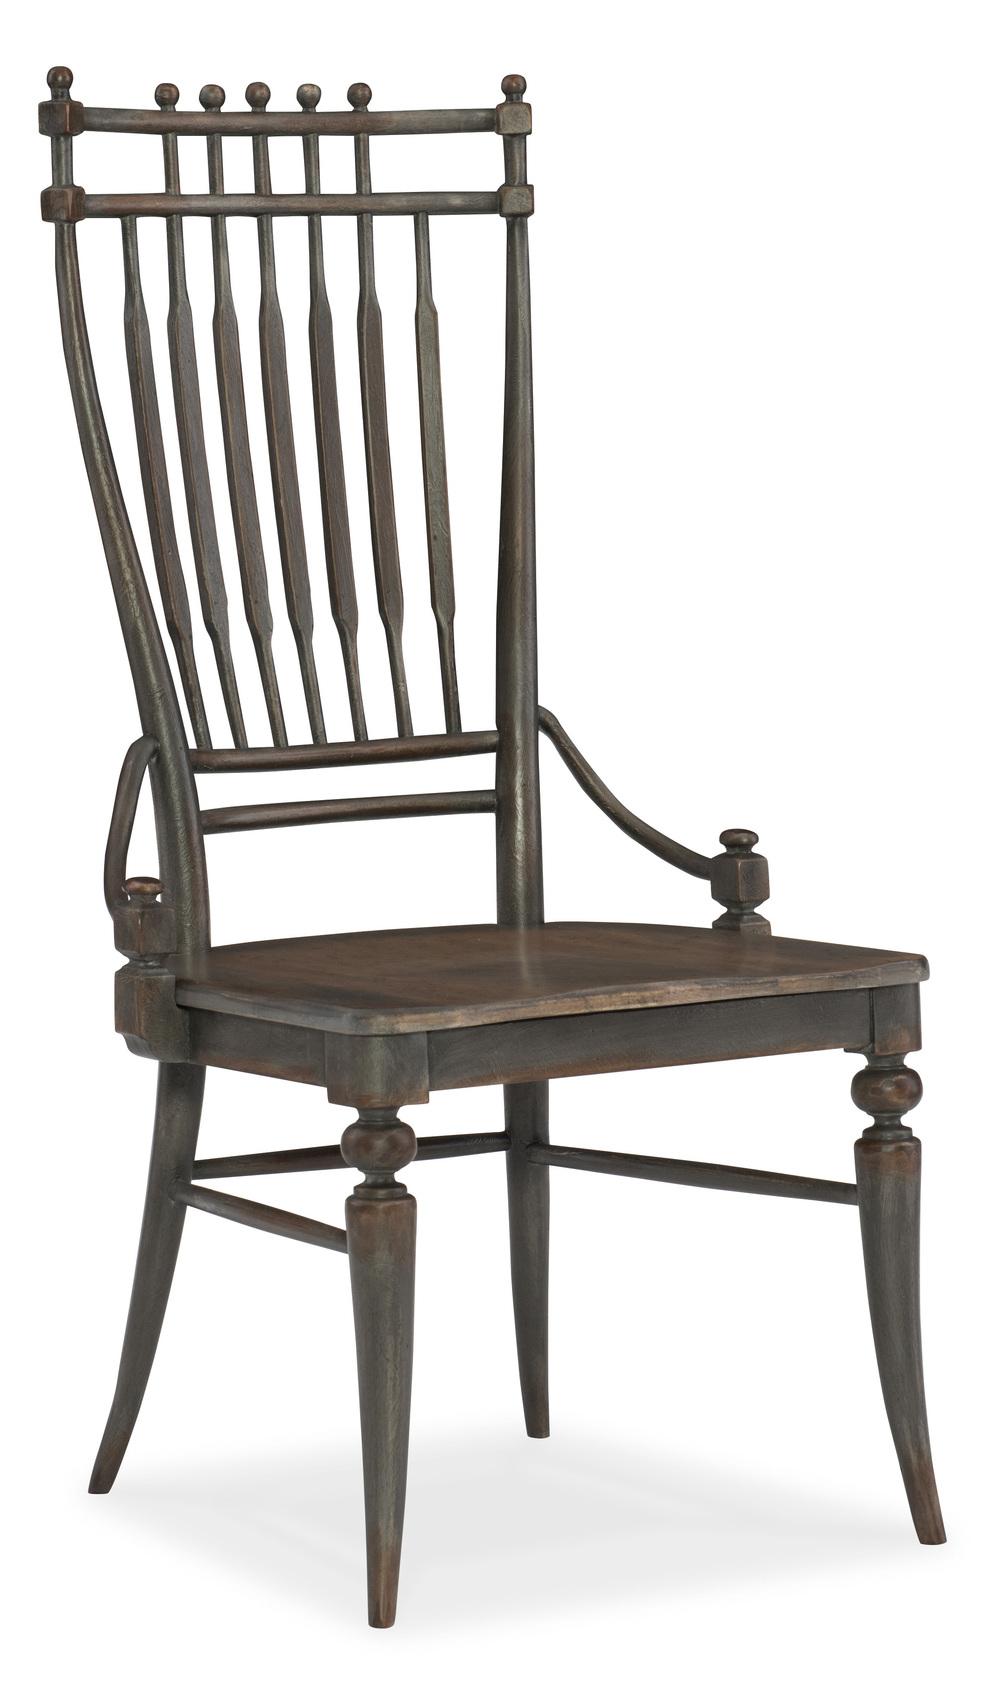 HOOKER FURNITURE CO - Arabella Windsor Side Chair